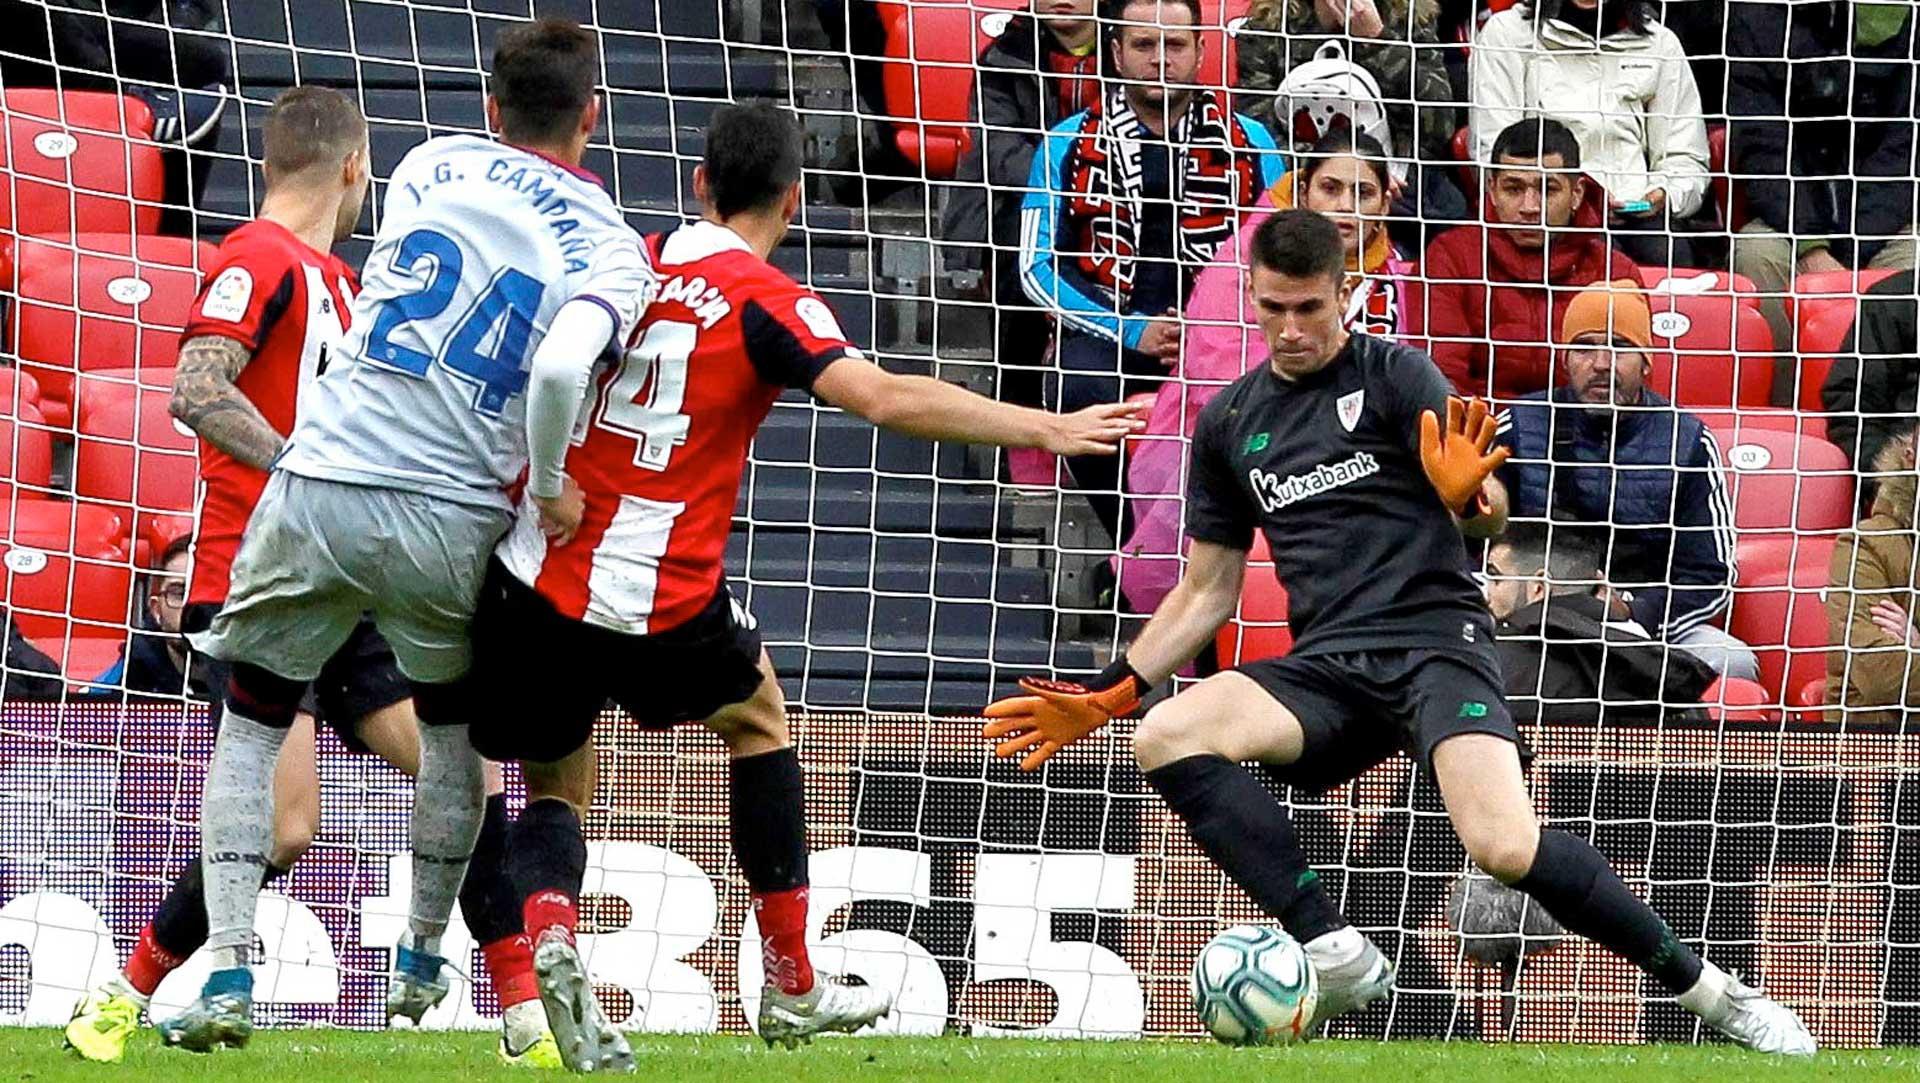 Unai Simón, portero del Athletic Club, intenta detener la pelota en el duelo disputado en San Mamés ante el Levante UD.